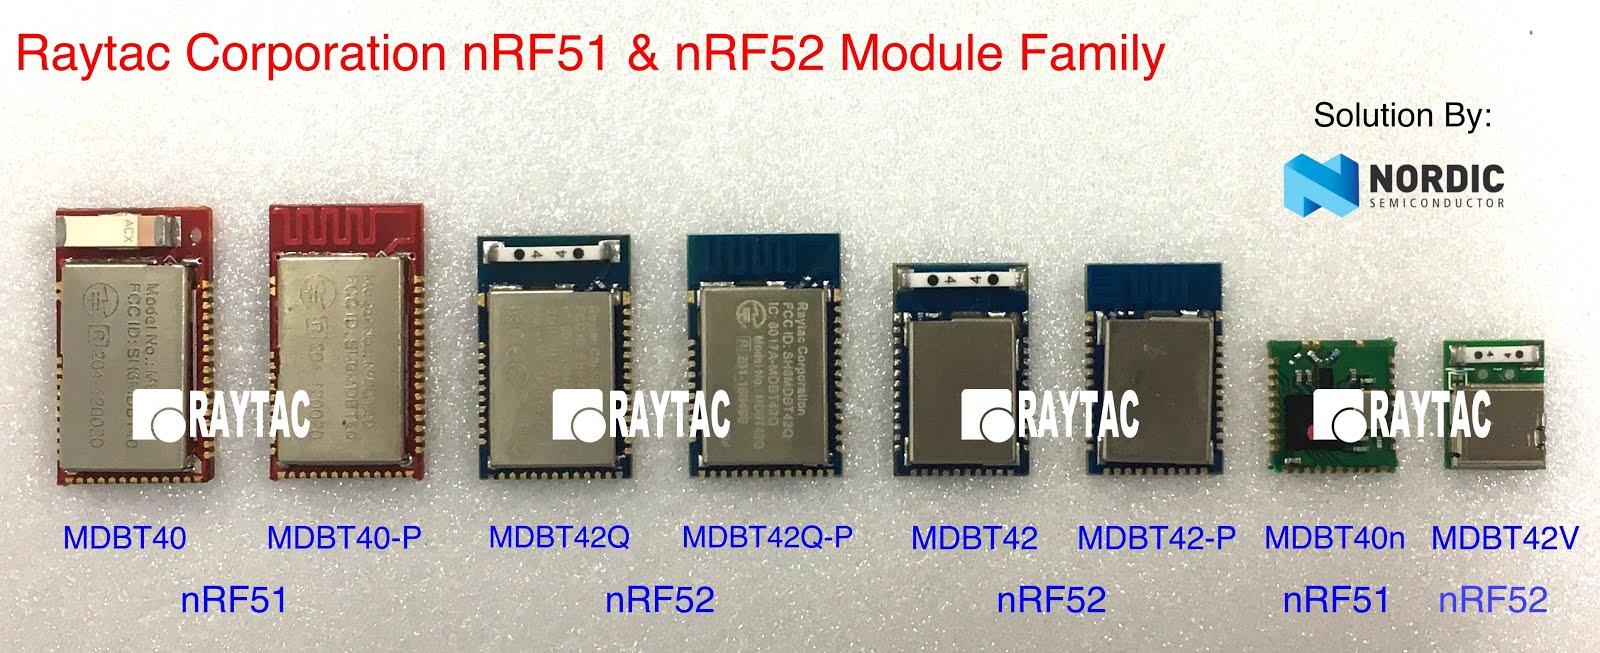 Raytac Module Family